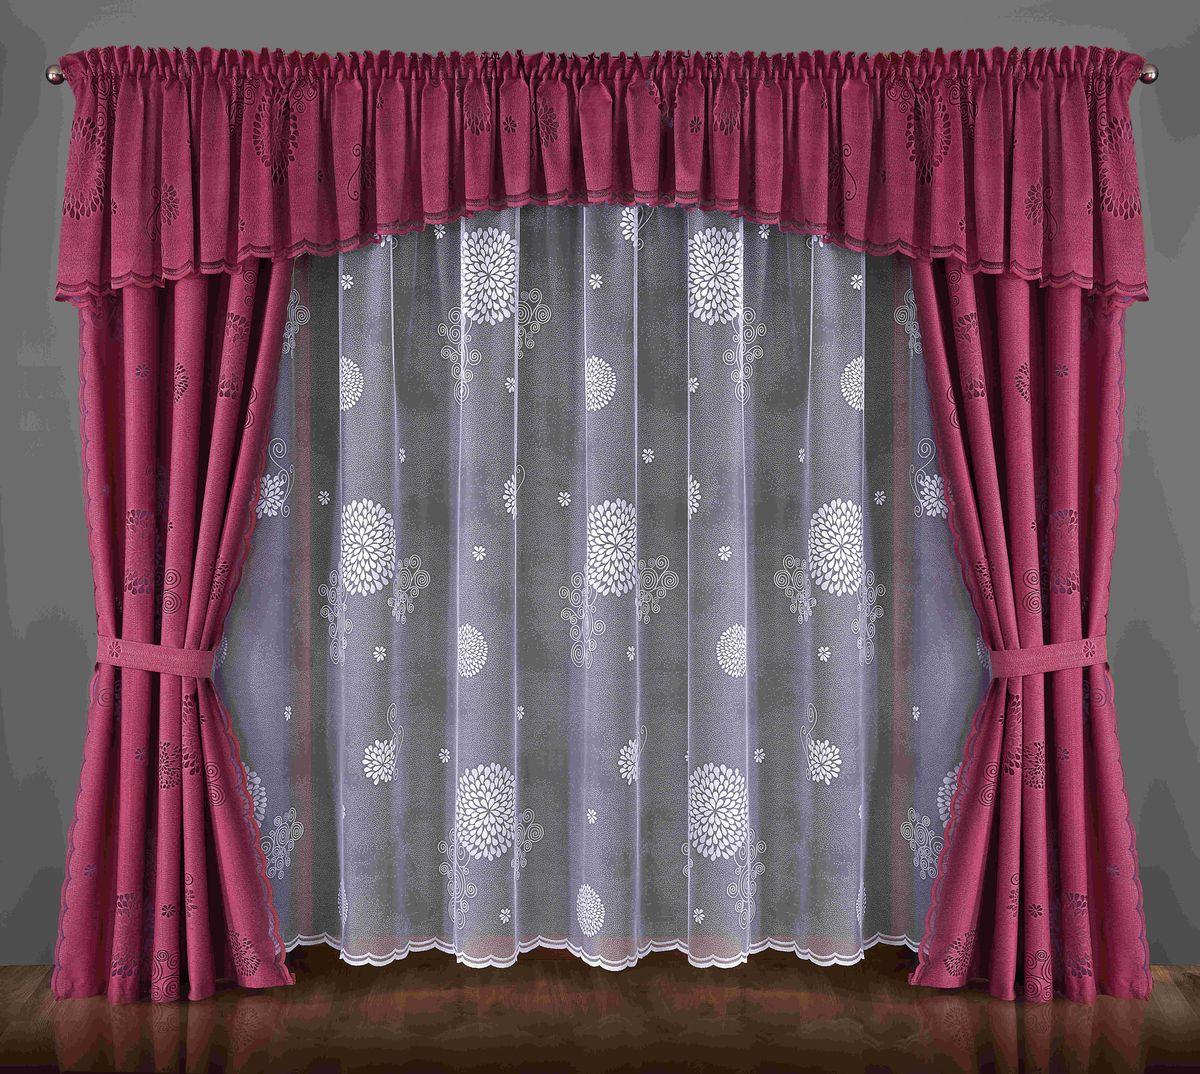 Комплект штор Wisan Wilena, на ленте, цвет: малиновый, белый, высота 250 см087WКомплект штор Wisan Wilena выполненный из полиэстера, великолепно украсит любое окно. Комплект состоит из 2 штор, тюля, ламбрекена и 2 подхватов. Кружевной цветочный узор придает комплекту особый стиль и шарм. Тонкое жаккардовое плетение, нежная цветовая гамма и роскошное исполнение - все это делает шторы Wisan Wilena замечательным дополнением интерьера помещения.Все предметы комплекта оснащены шторной лентой для красивой драпировки.В комплект входит: Штора - 2 шт. Размер (ШхВ): 140 см х 250 см. Тюль - 1 шт. Размер (ШхВ): 400 см х 250 см. Ламбрекен - 1 шт. Размер (ШхВ): 600 см х 65 см. Подхват - 2 шт.Фирма Wisan на польском рынке существует уже более пятидесяти лет и является одной из лучших польских фабрик по производству штор и тканей. Ассортимент фирмы представлен готовыми комплектами штор для гостиной, детской, кухни, а также текстилем для кухни (скатерти, салфетки, дорожки, кухонные занавески). Модельный ряд отличает оригинальный дизайн, высокое качество. Ассортимент продукции постоянно пополняется.